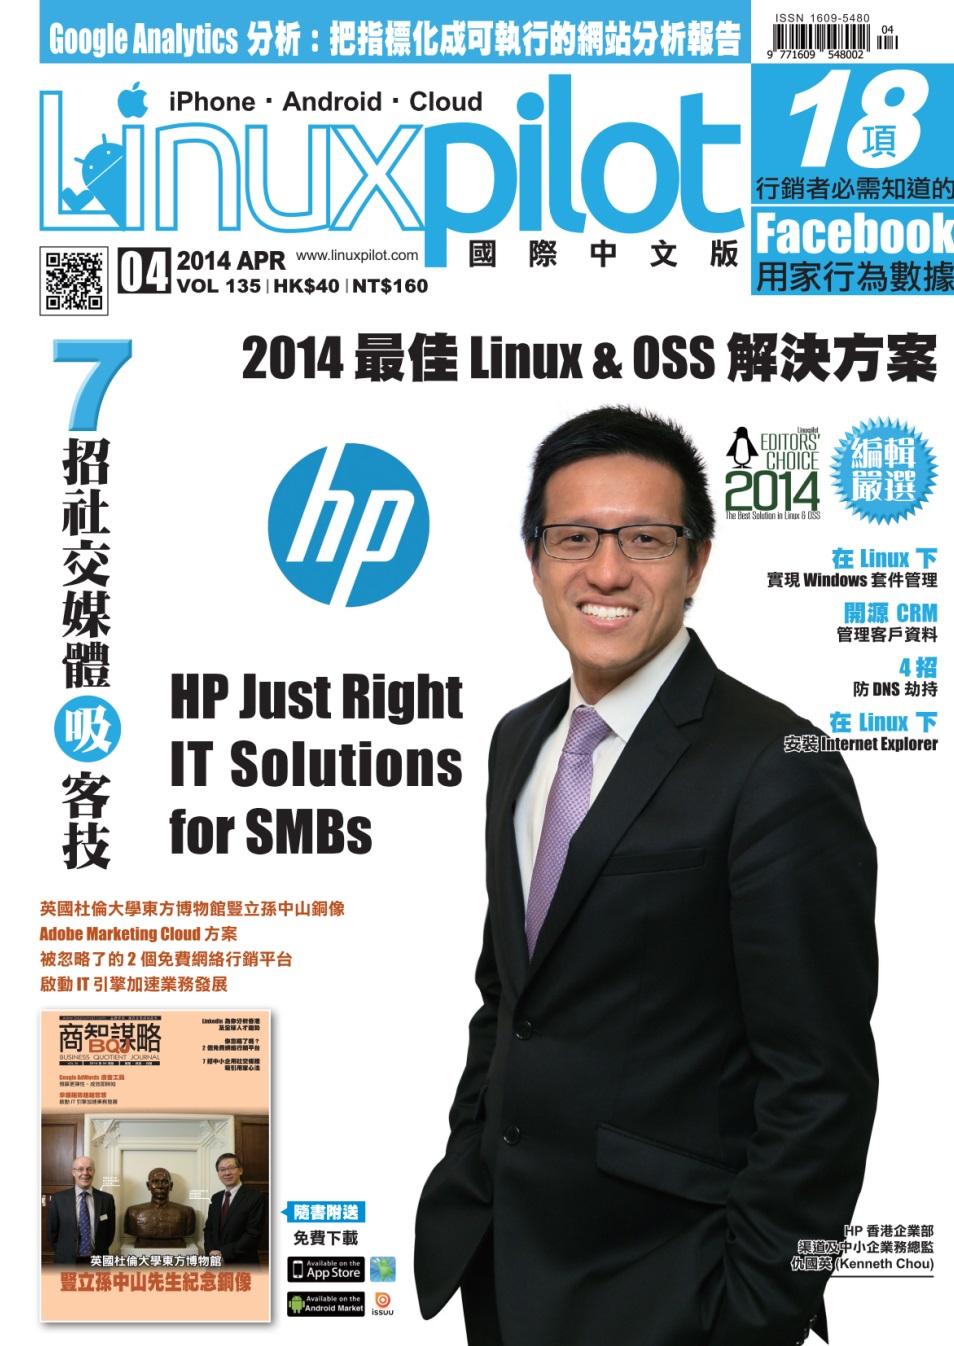 Linuxpilot月刊第135期